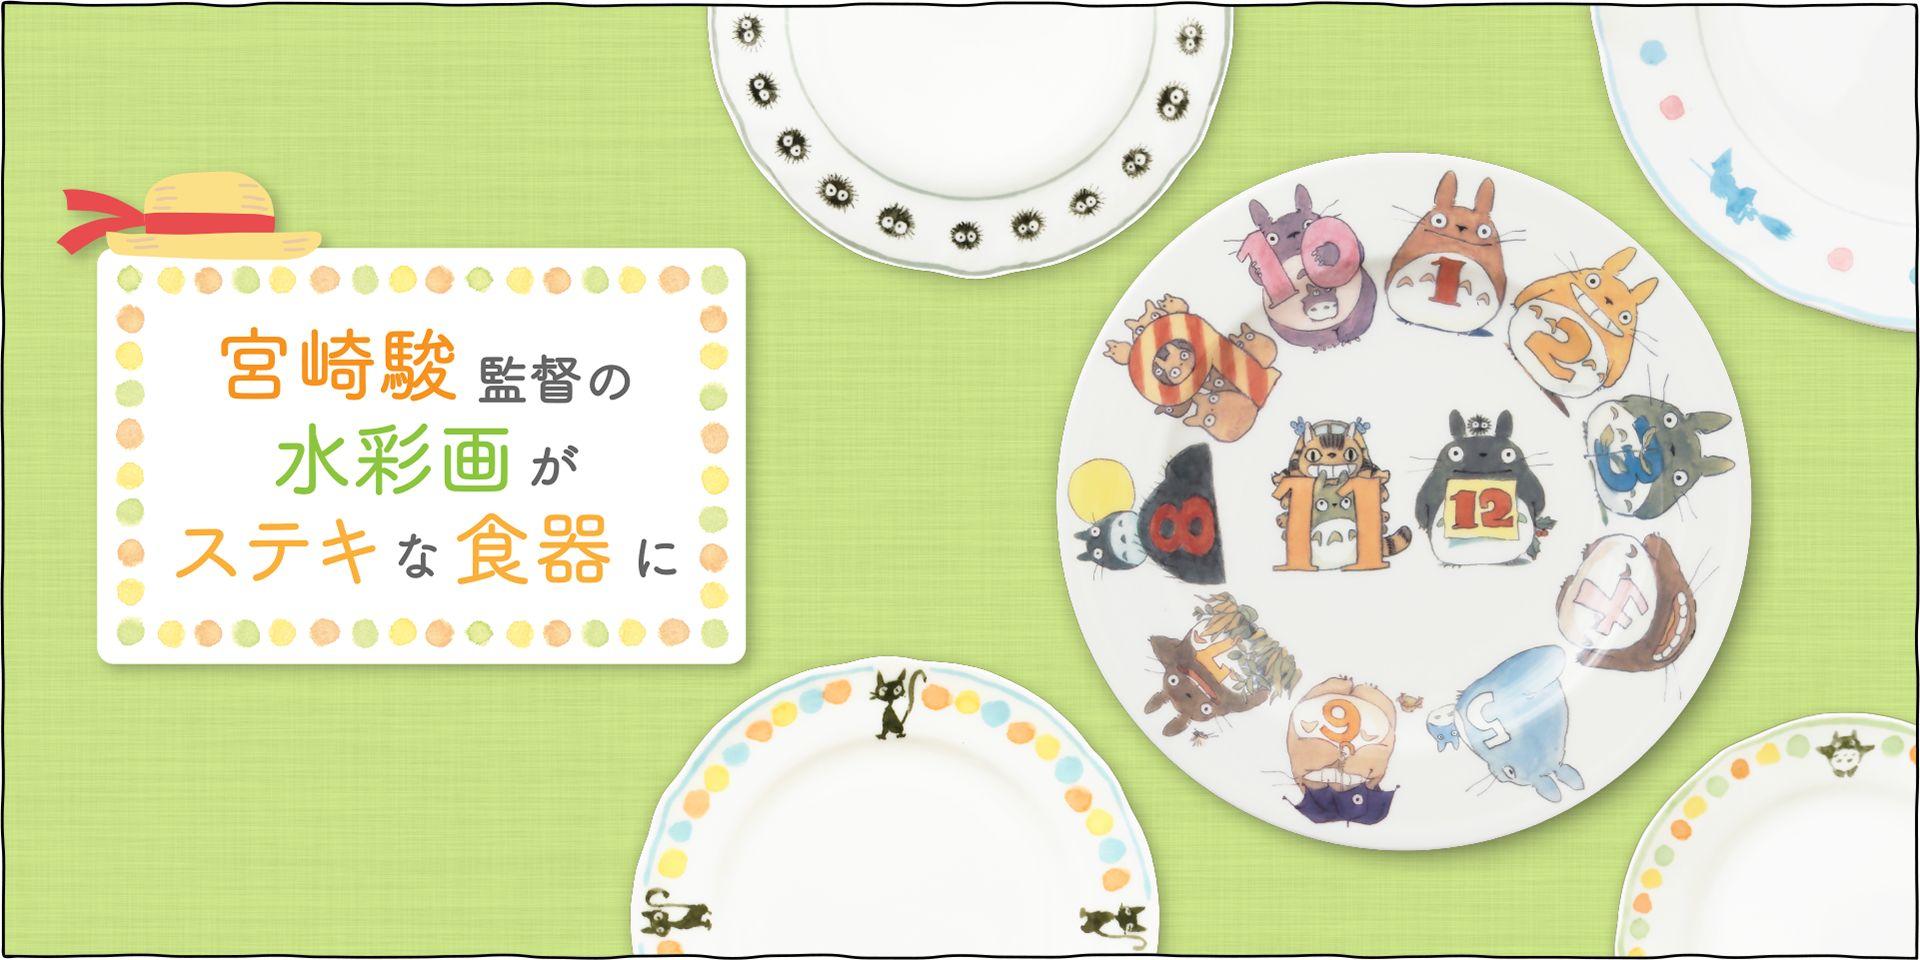 宮崎駿監督が描いたNoritake製食器です。